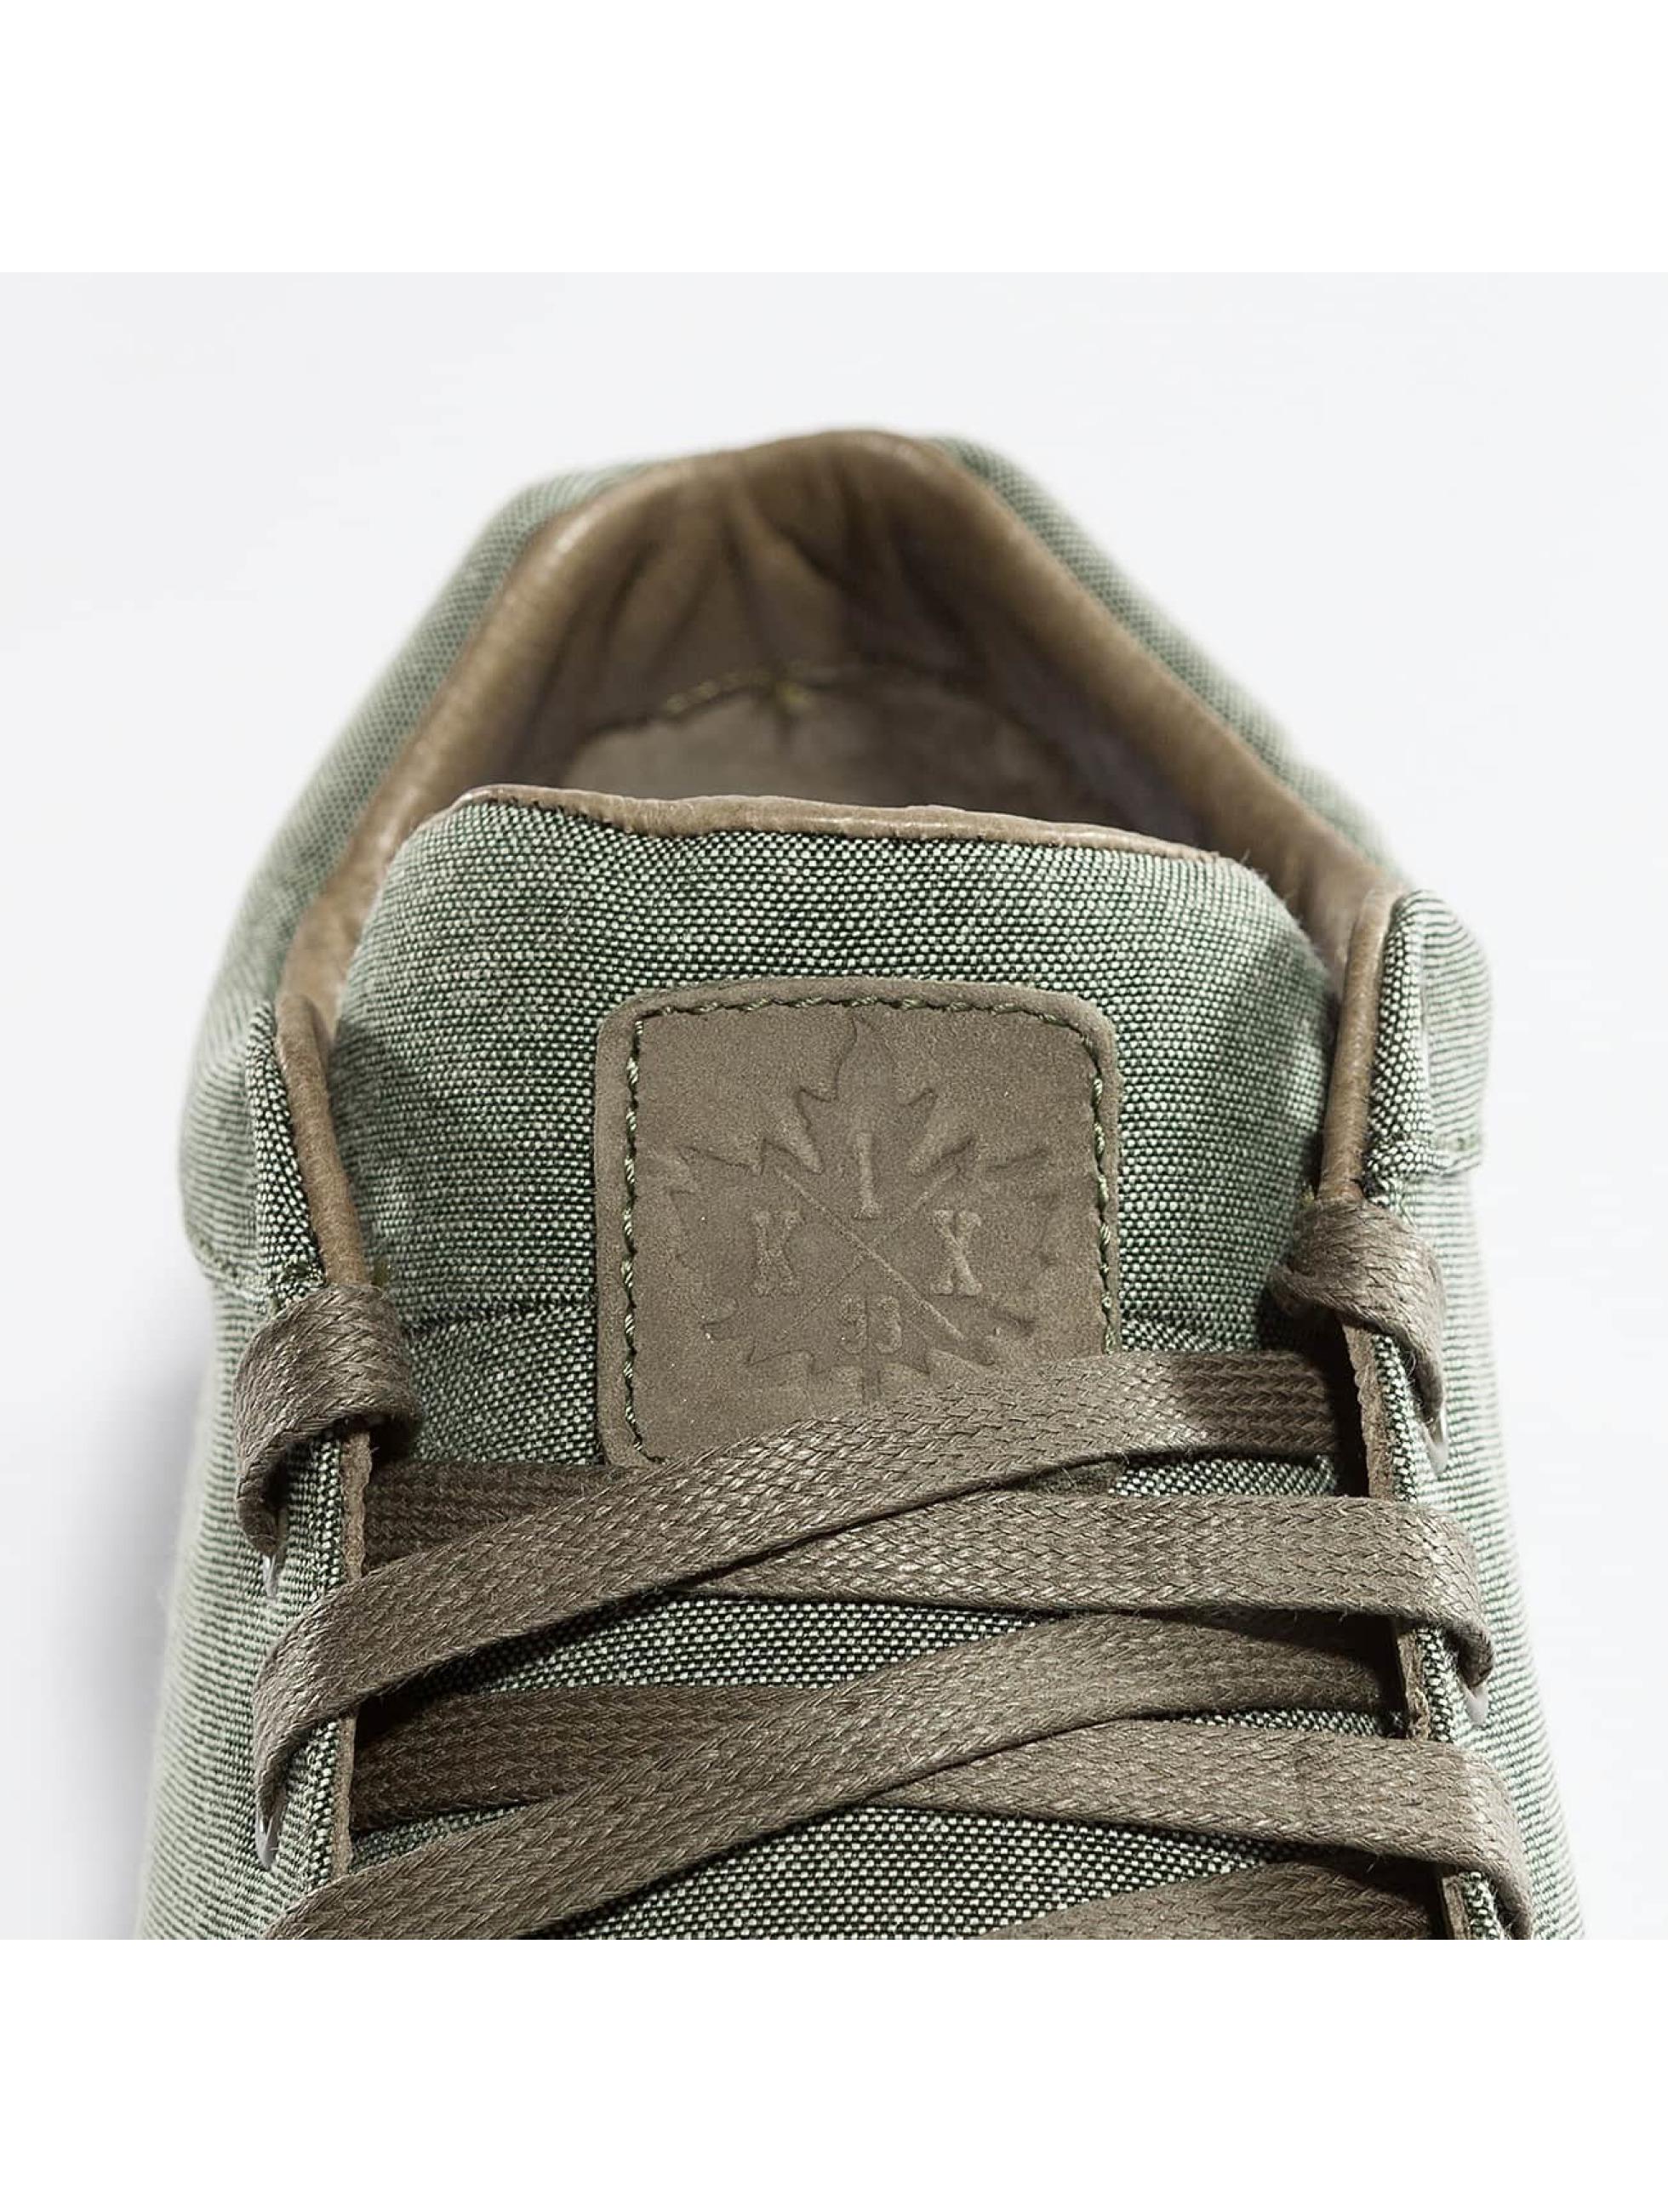 K1X Sneaker LP Low olive